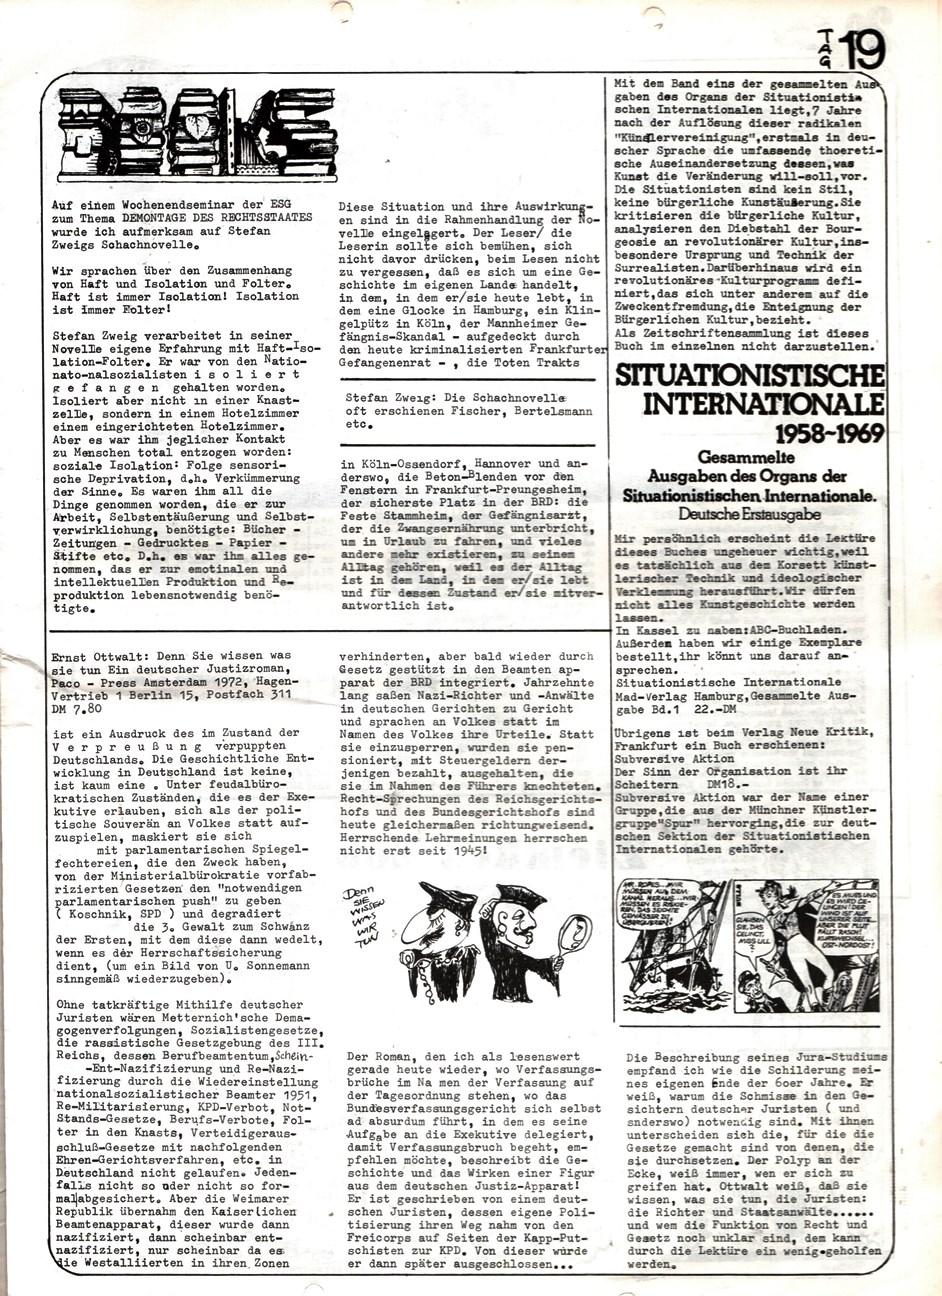 Kasseler_Kursblatt_1976_008_019